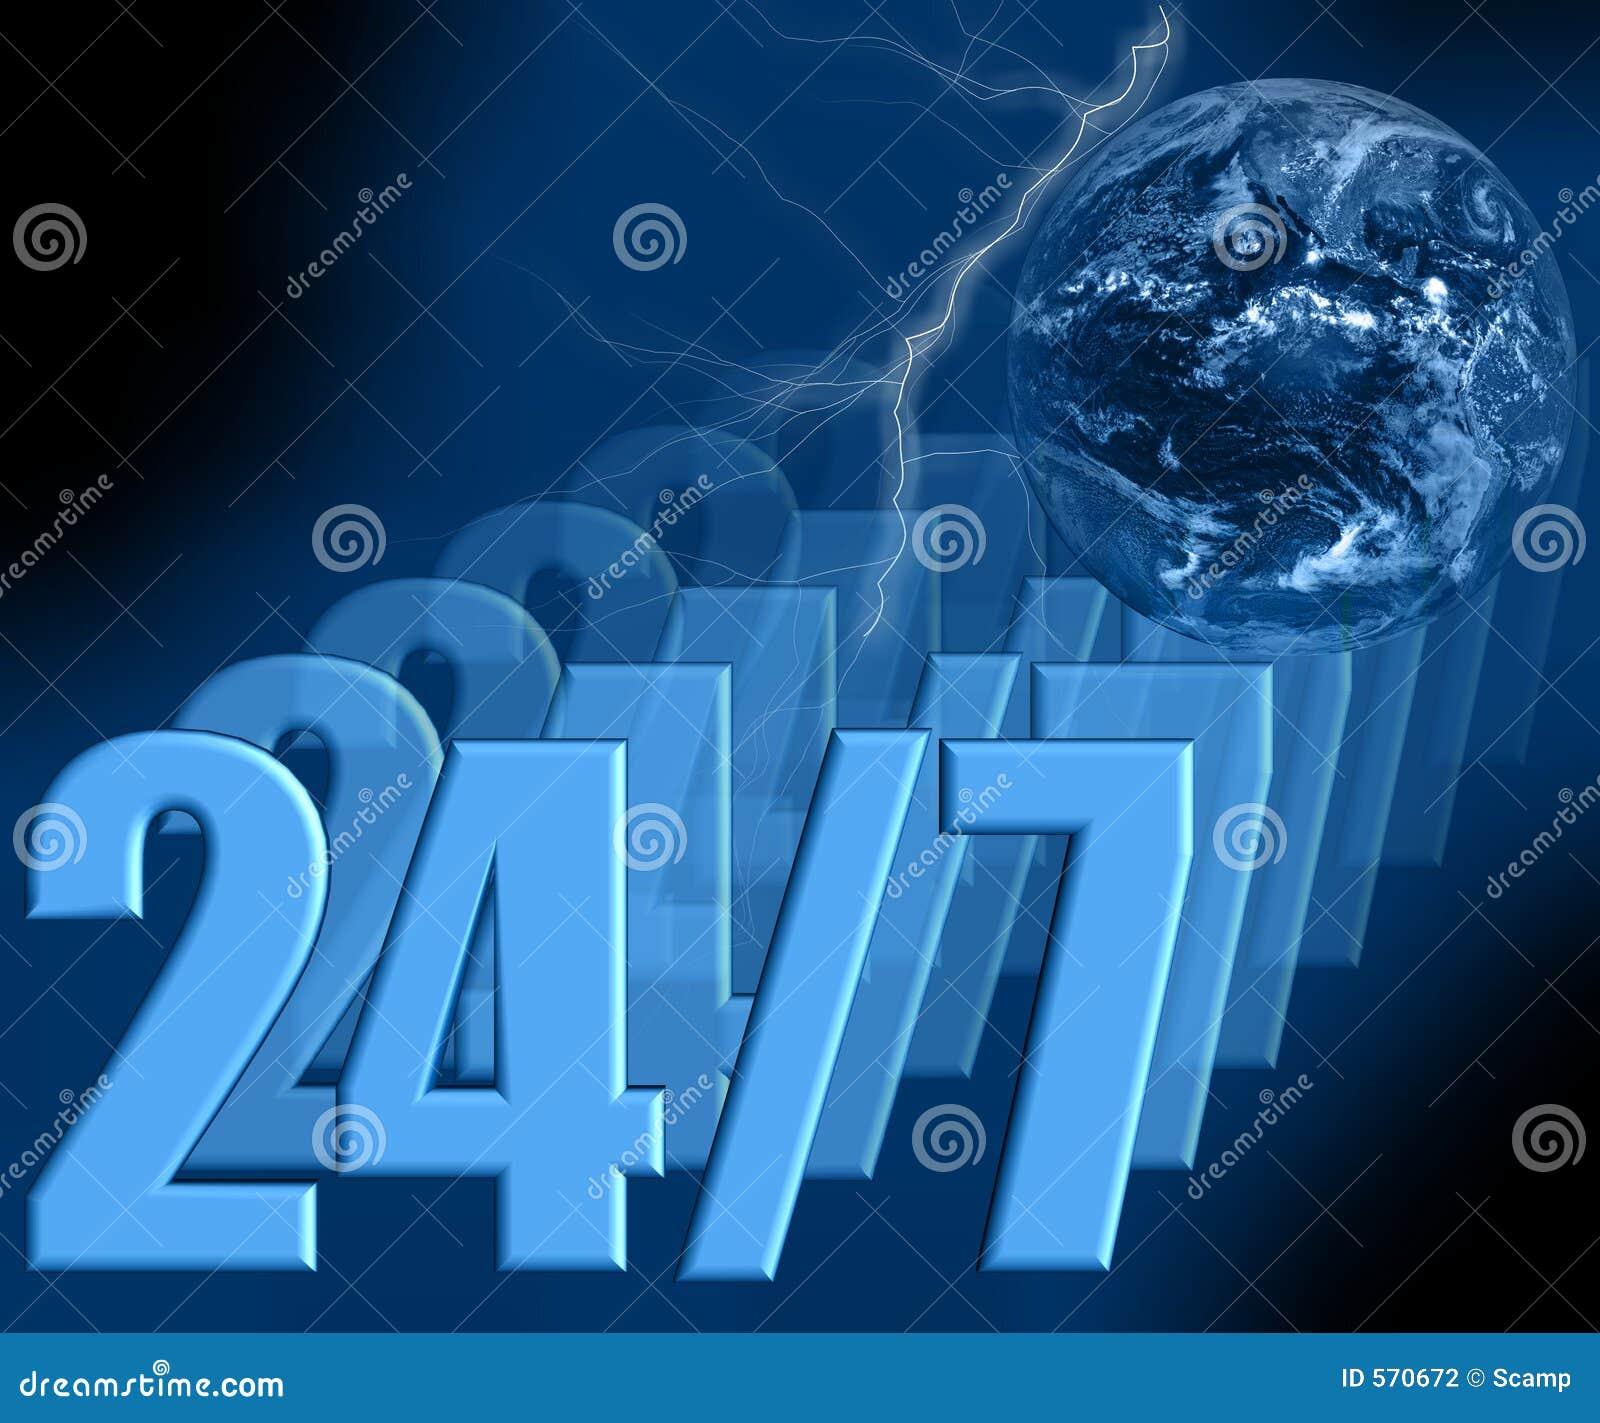 24/7 - Abra sempre 3D